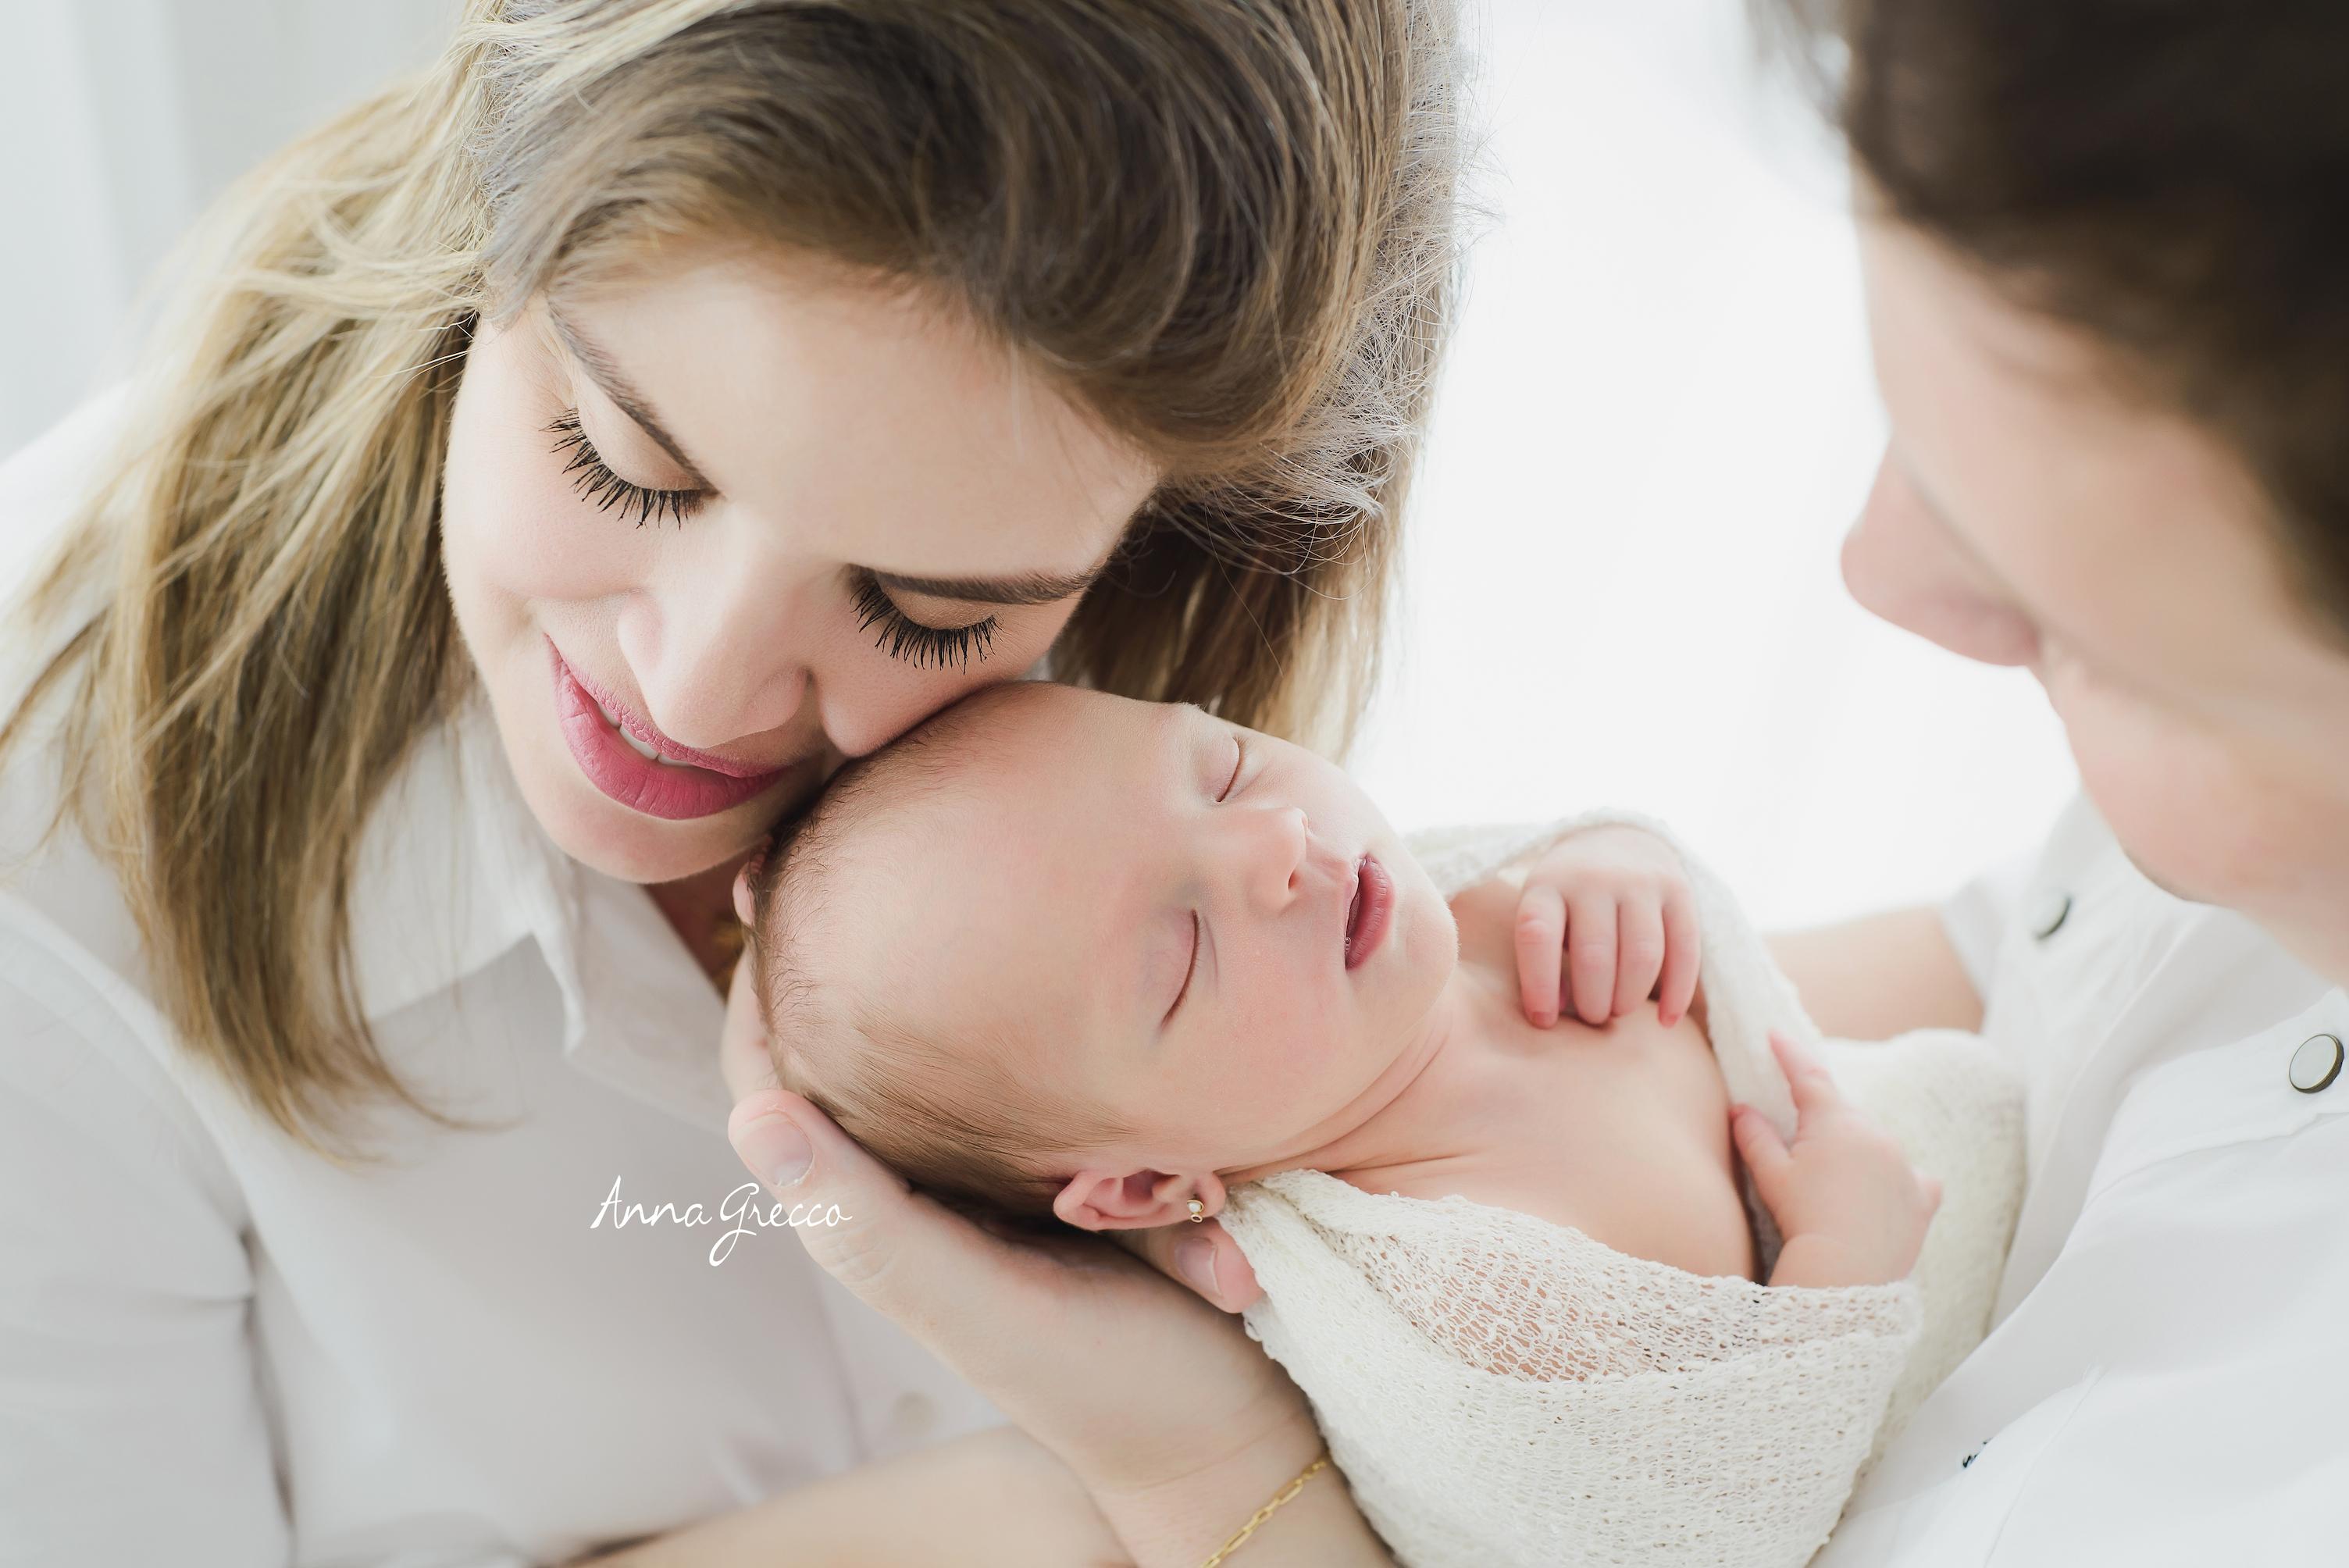 www.annagrecco.com.br newborn foto bebe recemnascido fotografia bebes campinas sao paulo sp valinhos vinhedo jundiai indaiatuba paulinia itatiba jaguariuna barueri amor crianças fotografa